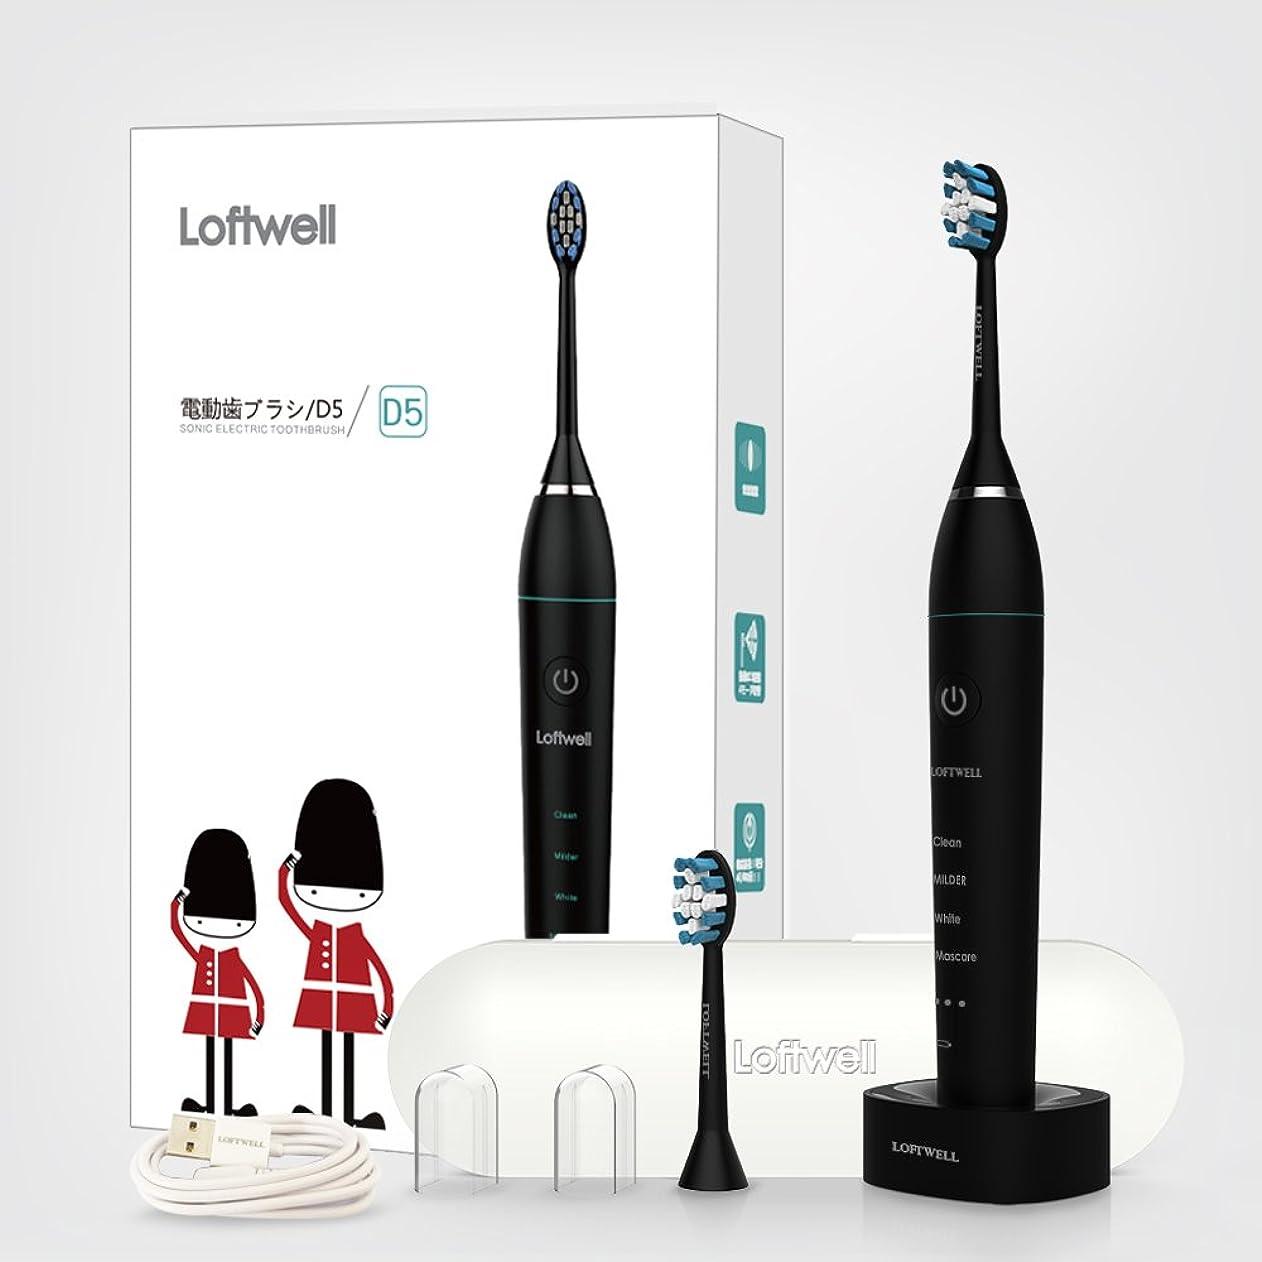 組み合わせるパネル召集するloftwell 電動歯ブラシ 超音波振動歯ブラシ 4モード 各モードの振動が3段階調節可 音波歯ブラシ 充電式 替えブラシ2本 舌ブラシ ラベルケース付き D5 ブラック (ブラック)